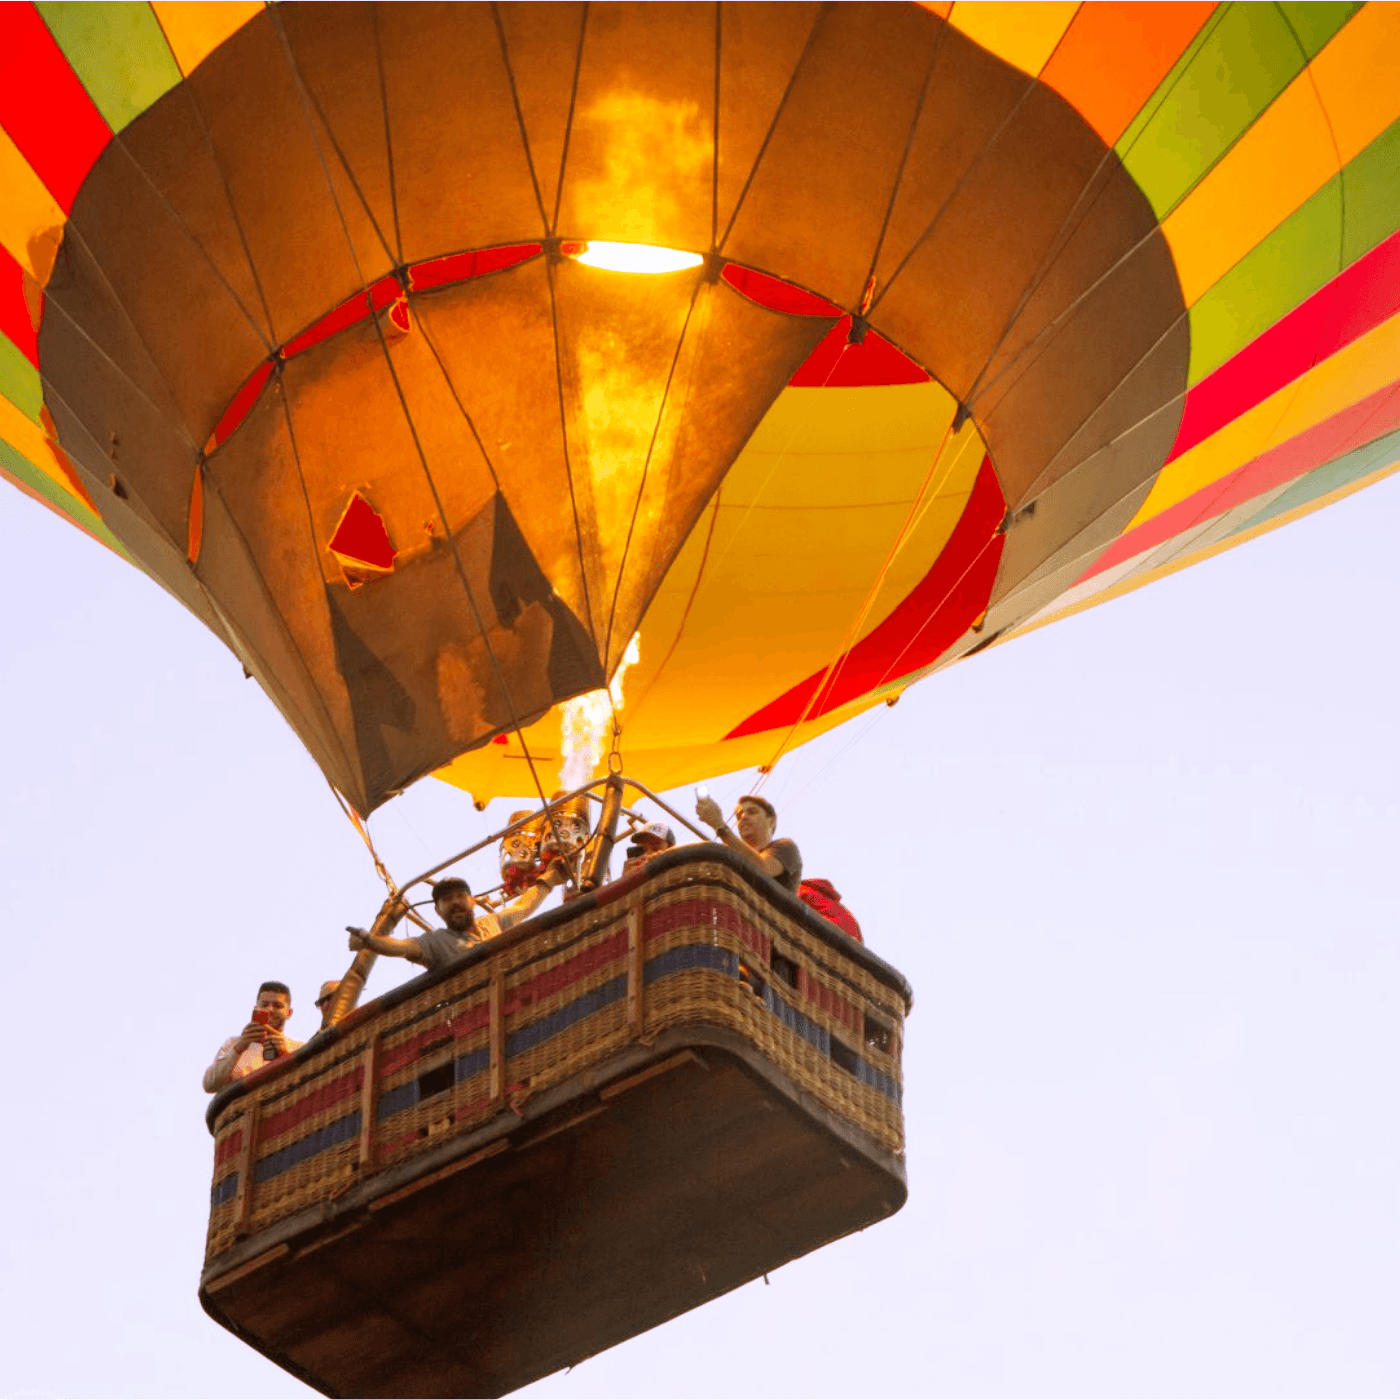 Pacote Família passeio de Balão em Boituva-SP (Agende sua data)